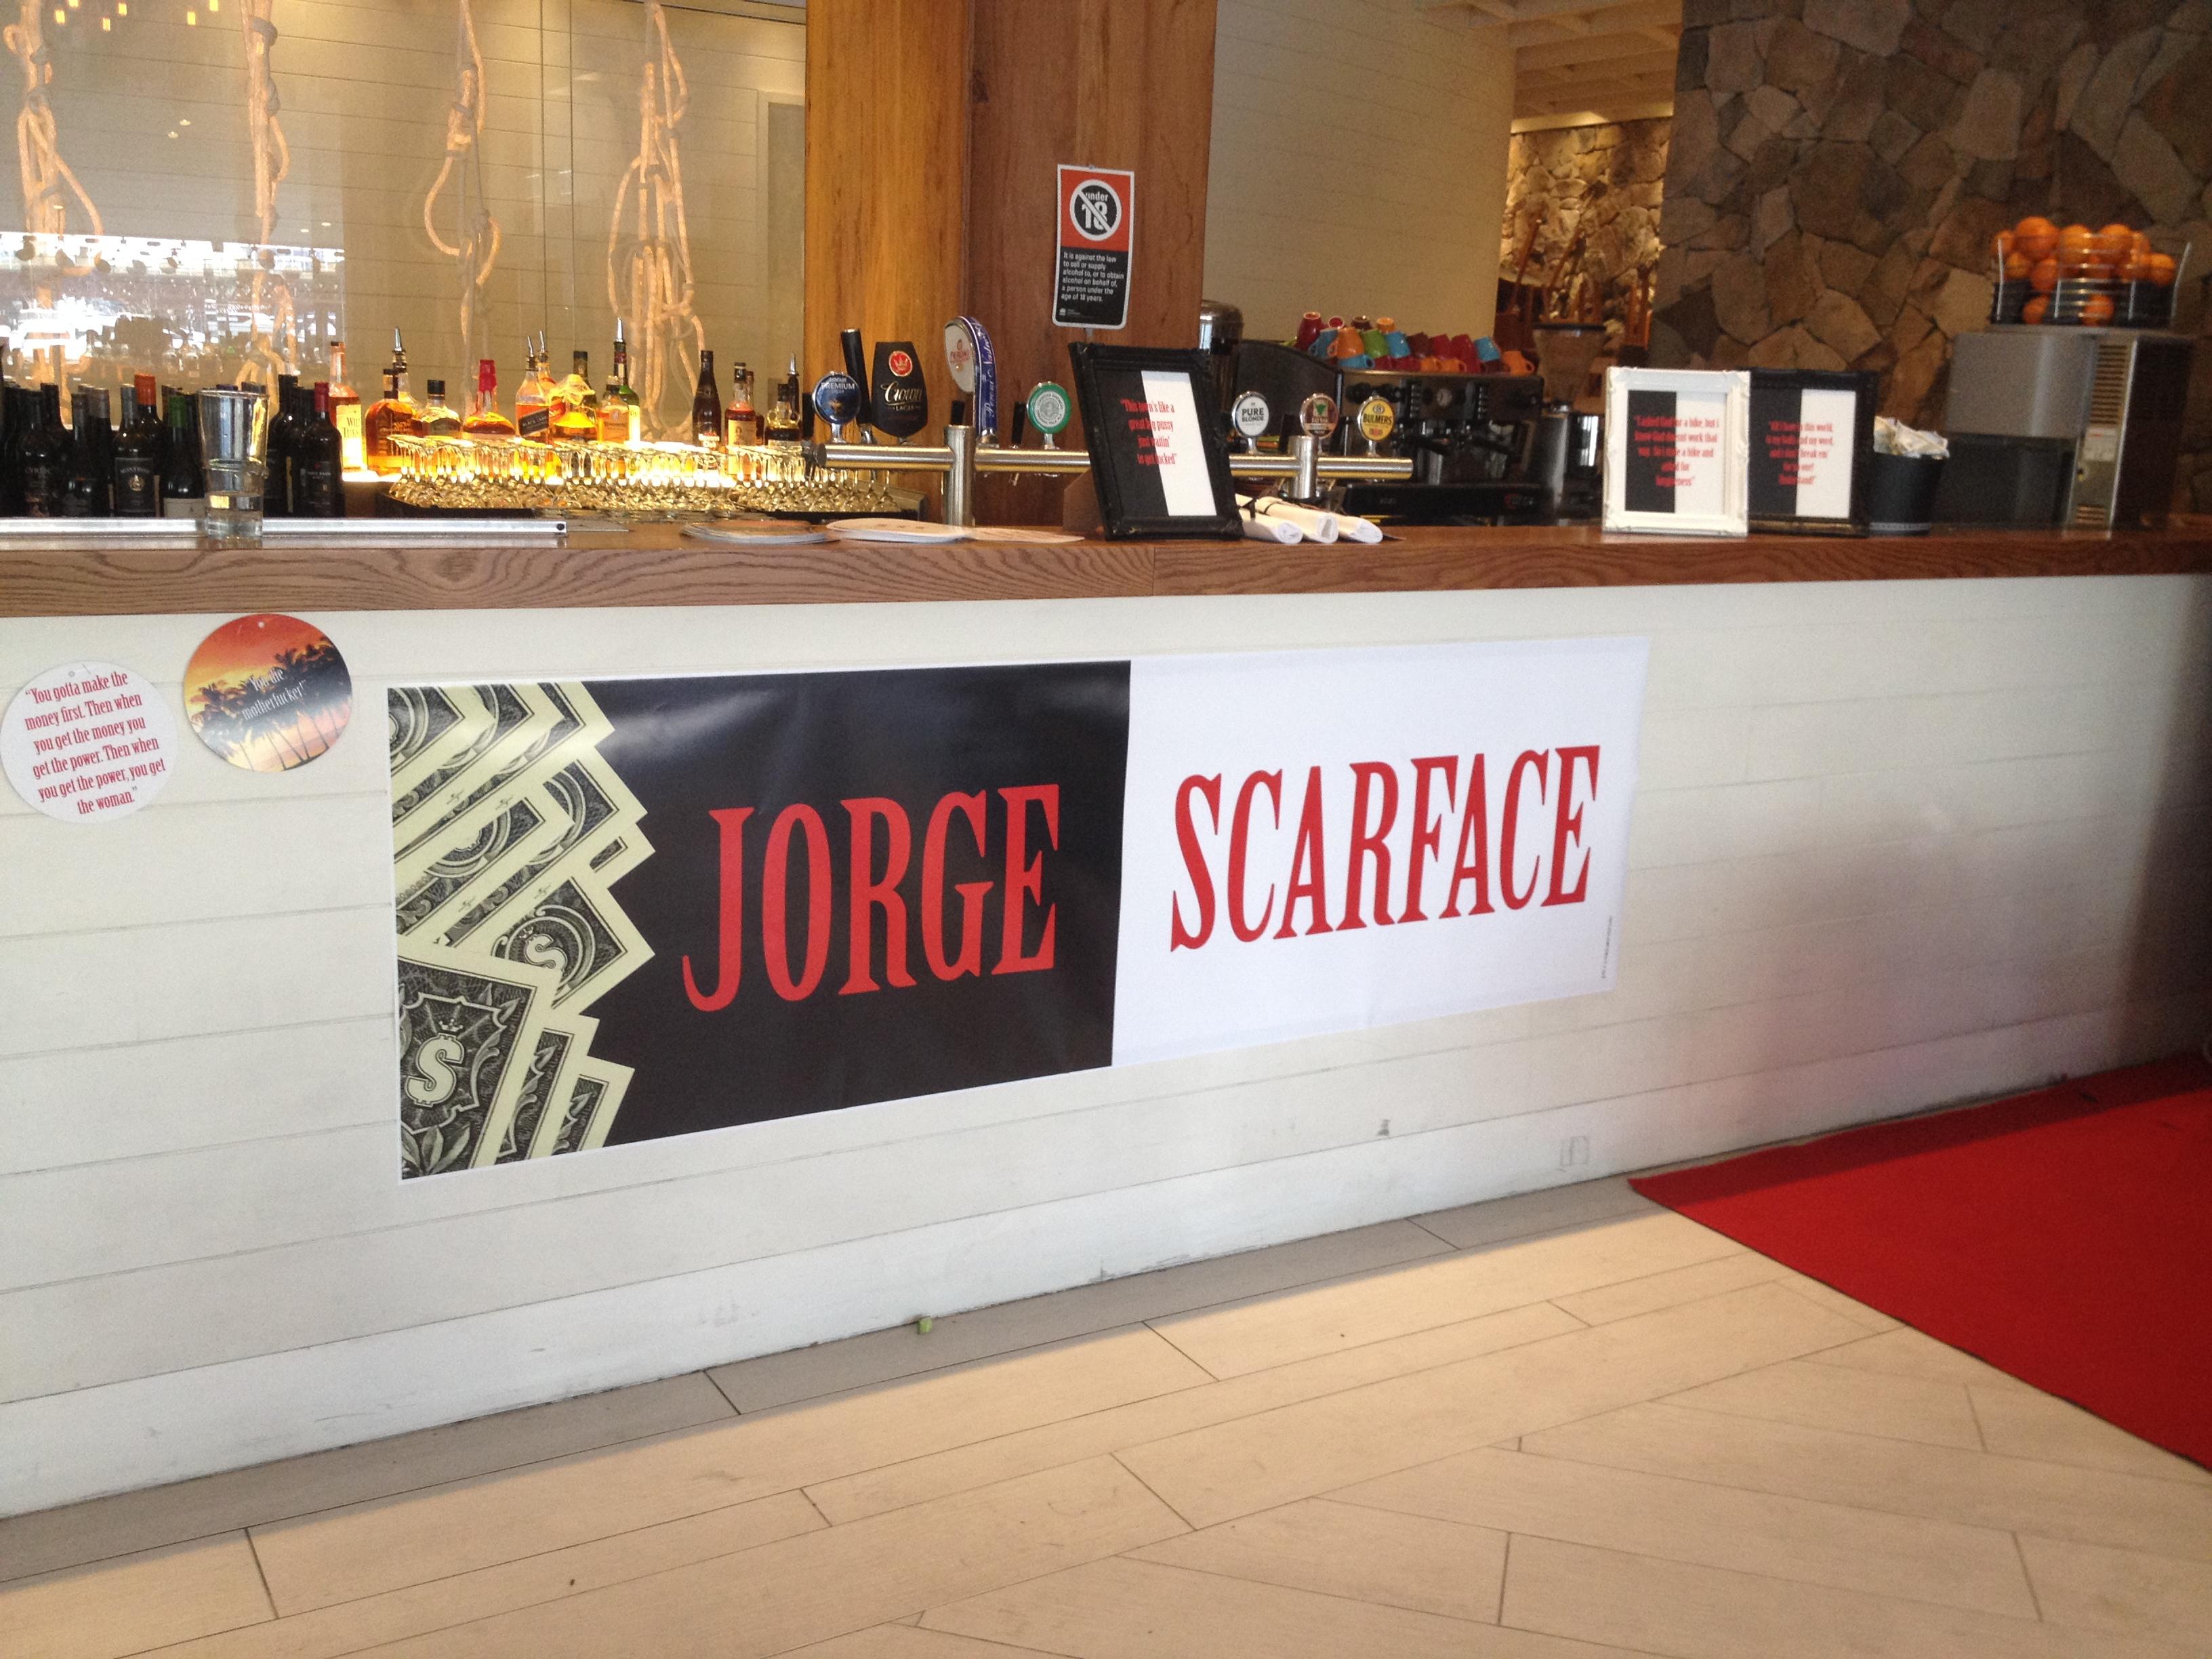 Jorge 12